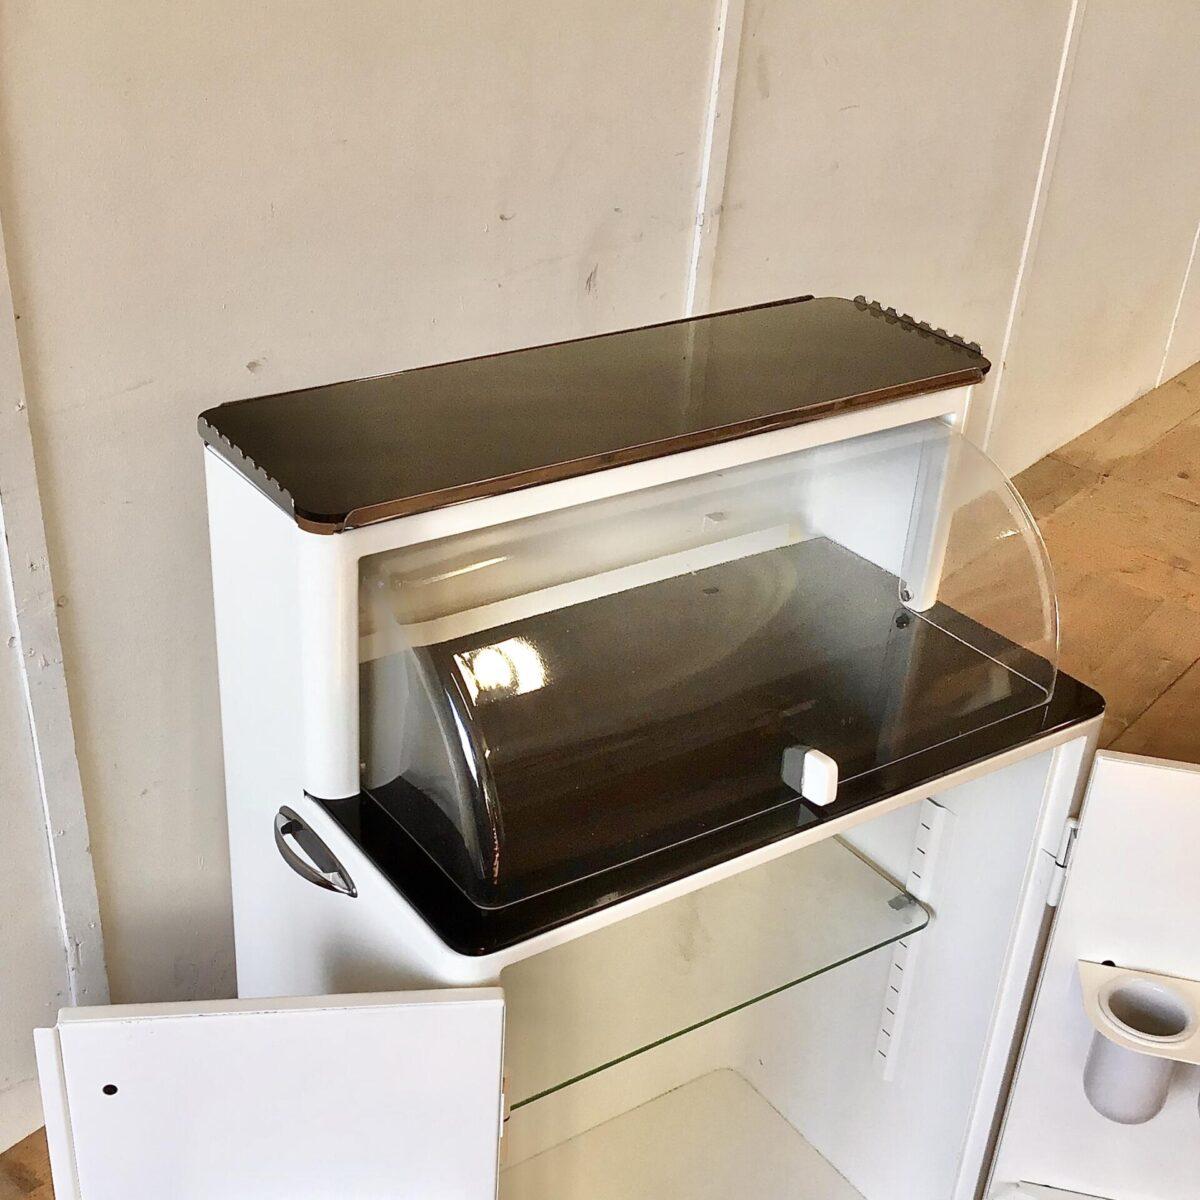 Altes Praxismöbel aus Metall. 70x41cm Höhe 116cm, die untere Arbeitsfläche ist auf 91.5cm Höhe. Das Möbel kann recht vielseitig eingesetzt werden, ob als Barschrank, Sideboard oder Vitrine um etwas Auszustellen. Der Arztschrank steht auf vier Schwenkbaren Möbelrollen. Das Metall ist weiss lackiert, griffe verchromt. Die Ablageflächen sind aus geschwärztem Glas. Die Runde, Brotkasten ähnliche, Haube ist aus Plexiglas mit Kunststoffgriff. Hinter den Schranktüren befinden sich Tablare, zwei herausnehmbare Keramik Gläser und Flaschenhalter.